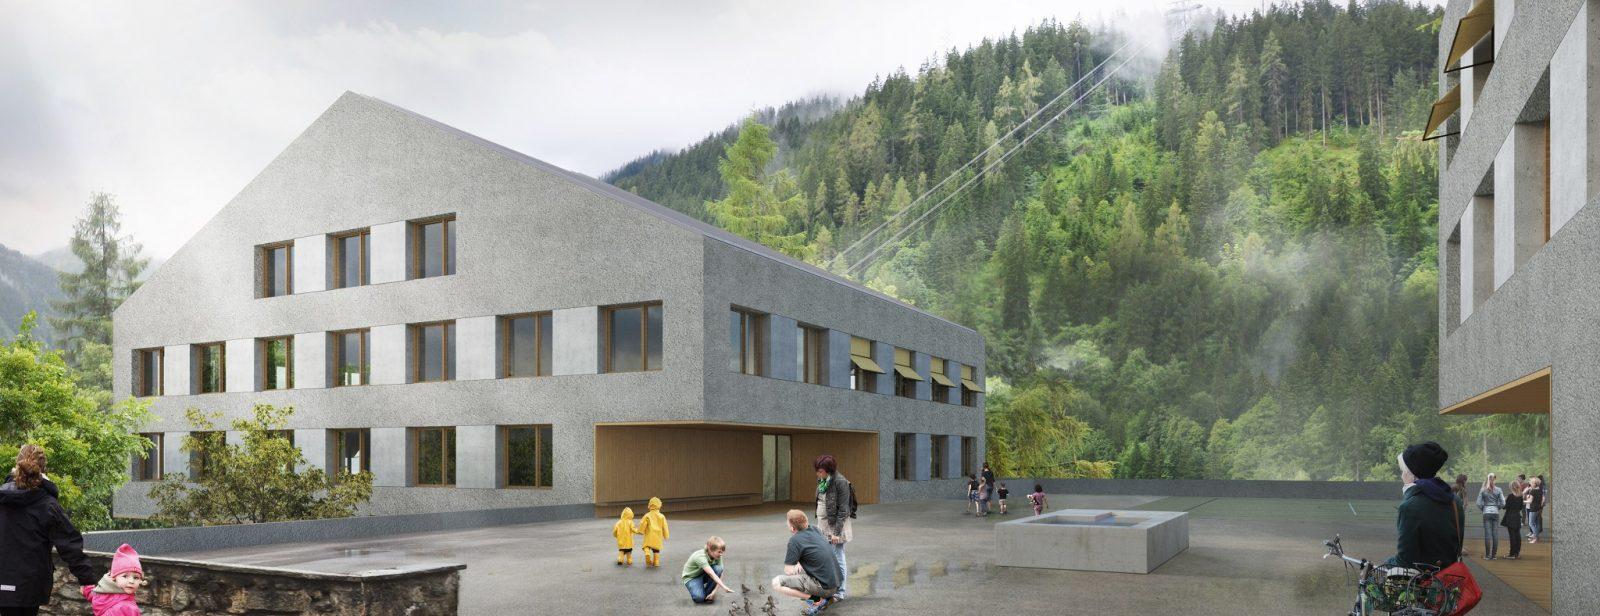 Neubau Schulanlage Klosters-Platz, Klosters